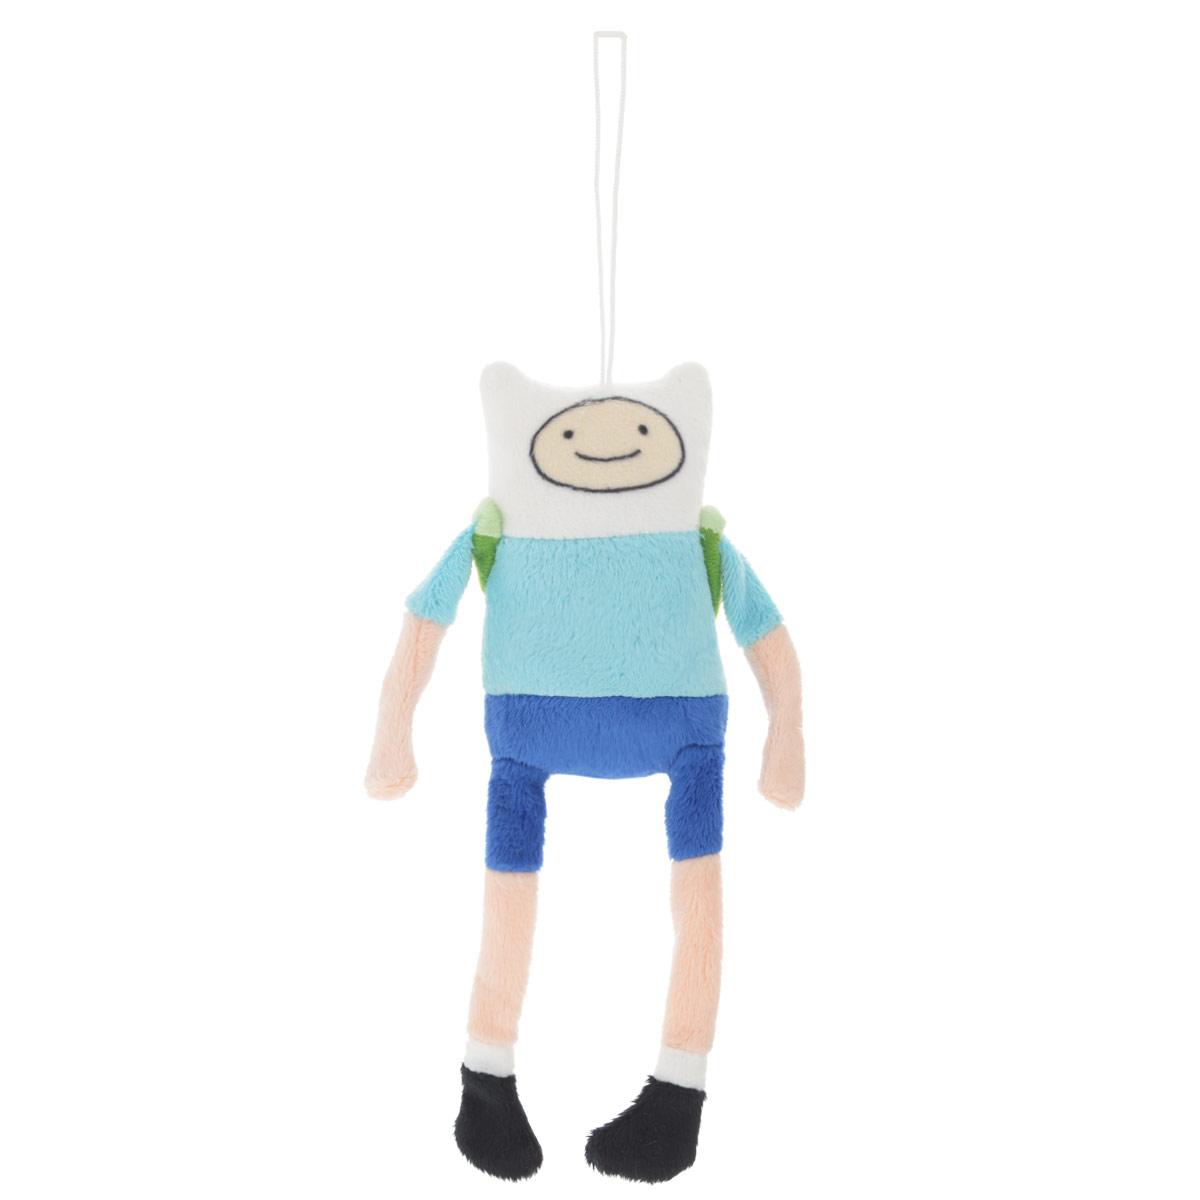 Мягкая игрушка Adventure Time Финн, 19,5 смFABU0Очаровательная мягкая игрушка Adventure Time Финн вызовет умиление и улыбку у каждого, кто ее увидит. Игрушка выполнена в виде Финна - одного из главных персонажей в мультсериале Время приключений. У игрушки есть текстильный шнурок, с помощью которого ее можно повесить. За спиной у Финна салатово-зеленый рюкзак. Финн - мальчик, который обожает путешествовать со своим лучшим другом Джейком, а также спасать принцесс из лап ужасных злодеев, населяющих Землю УУУ. Финн является единственным известным человеком в Землях УУУ. Финн очень добрый. Удивительно мягкая игрушка принесет радость и подарит своему обладателю мгновения нежных объятий и приятных воспоминаний. Великолепное качество исполнения делают эту игрушку чудесным подарком к любому празднику.